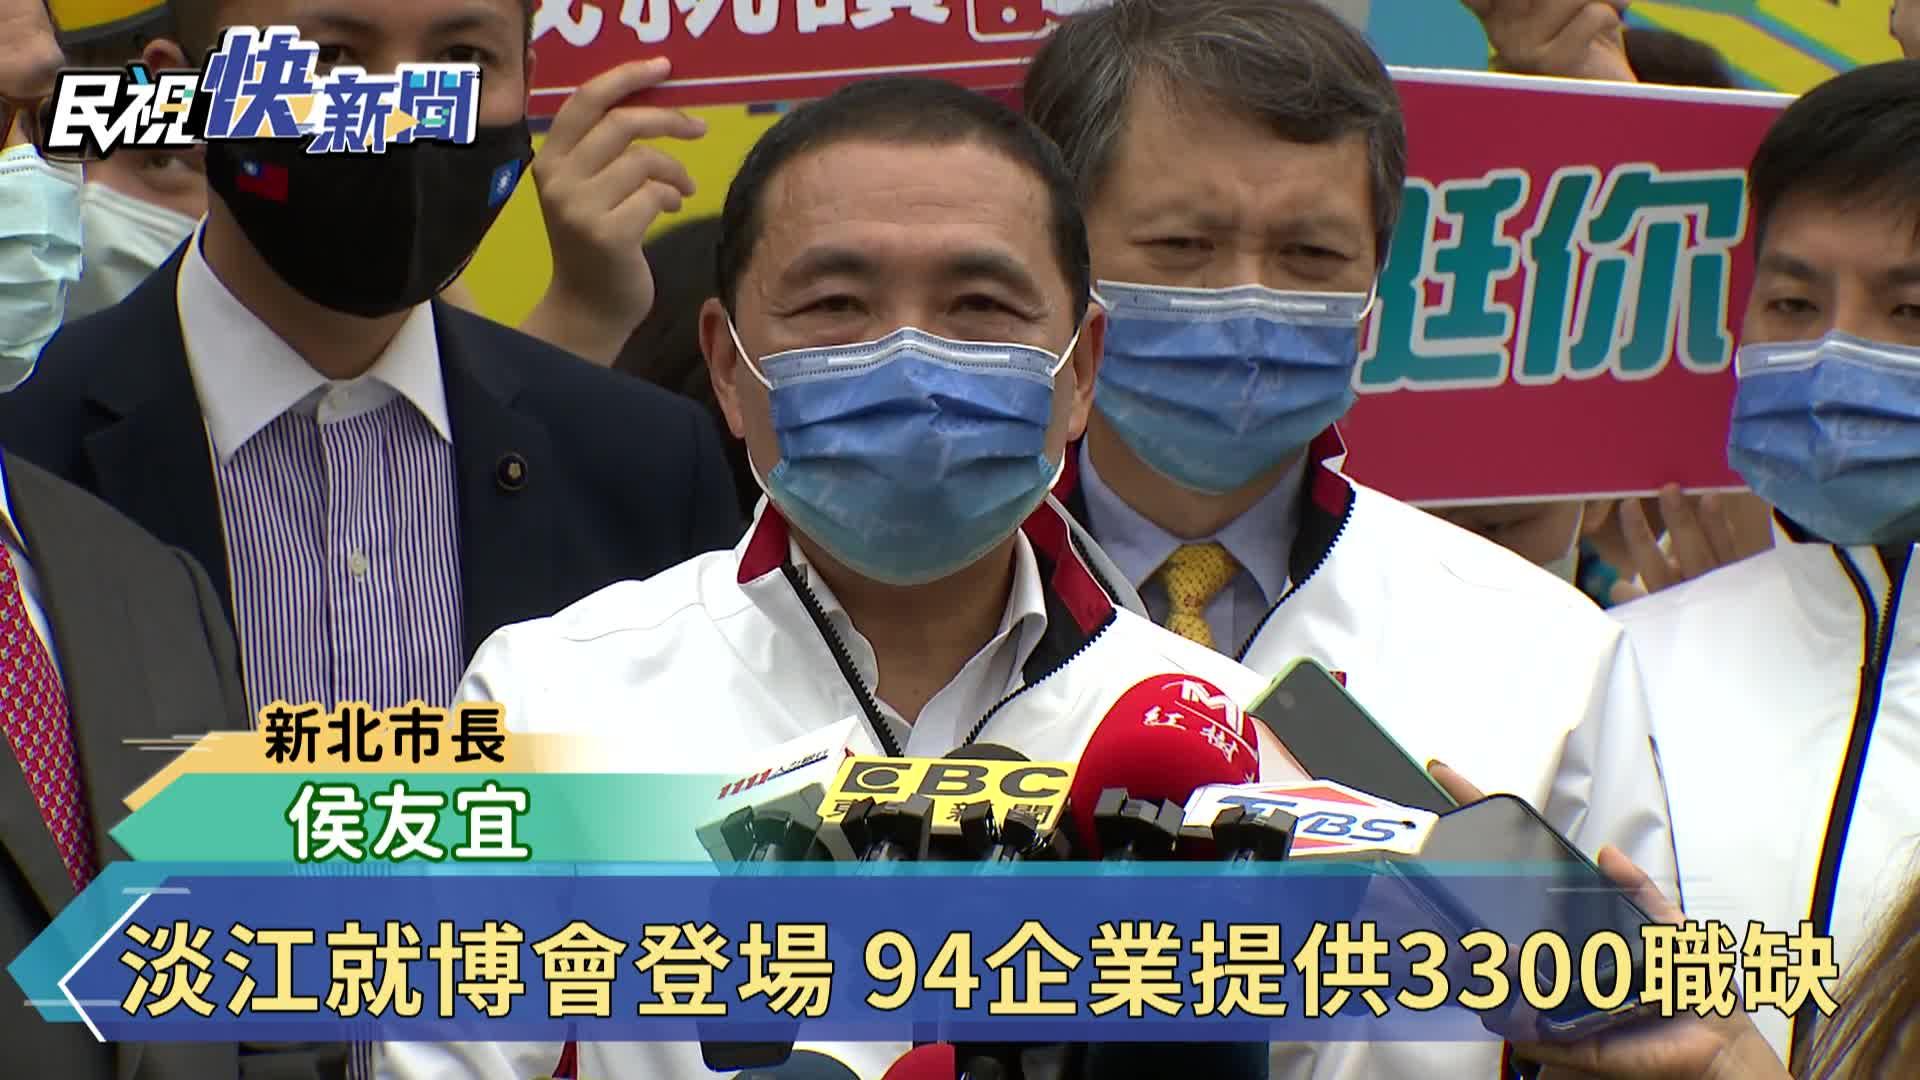 淡江就博會登場 94企業提供3300職缺